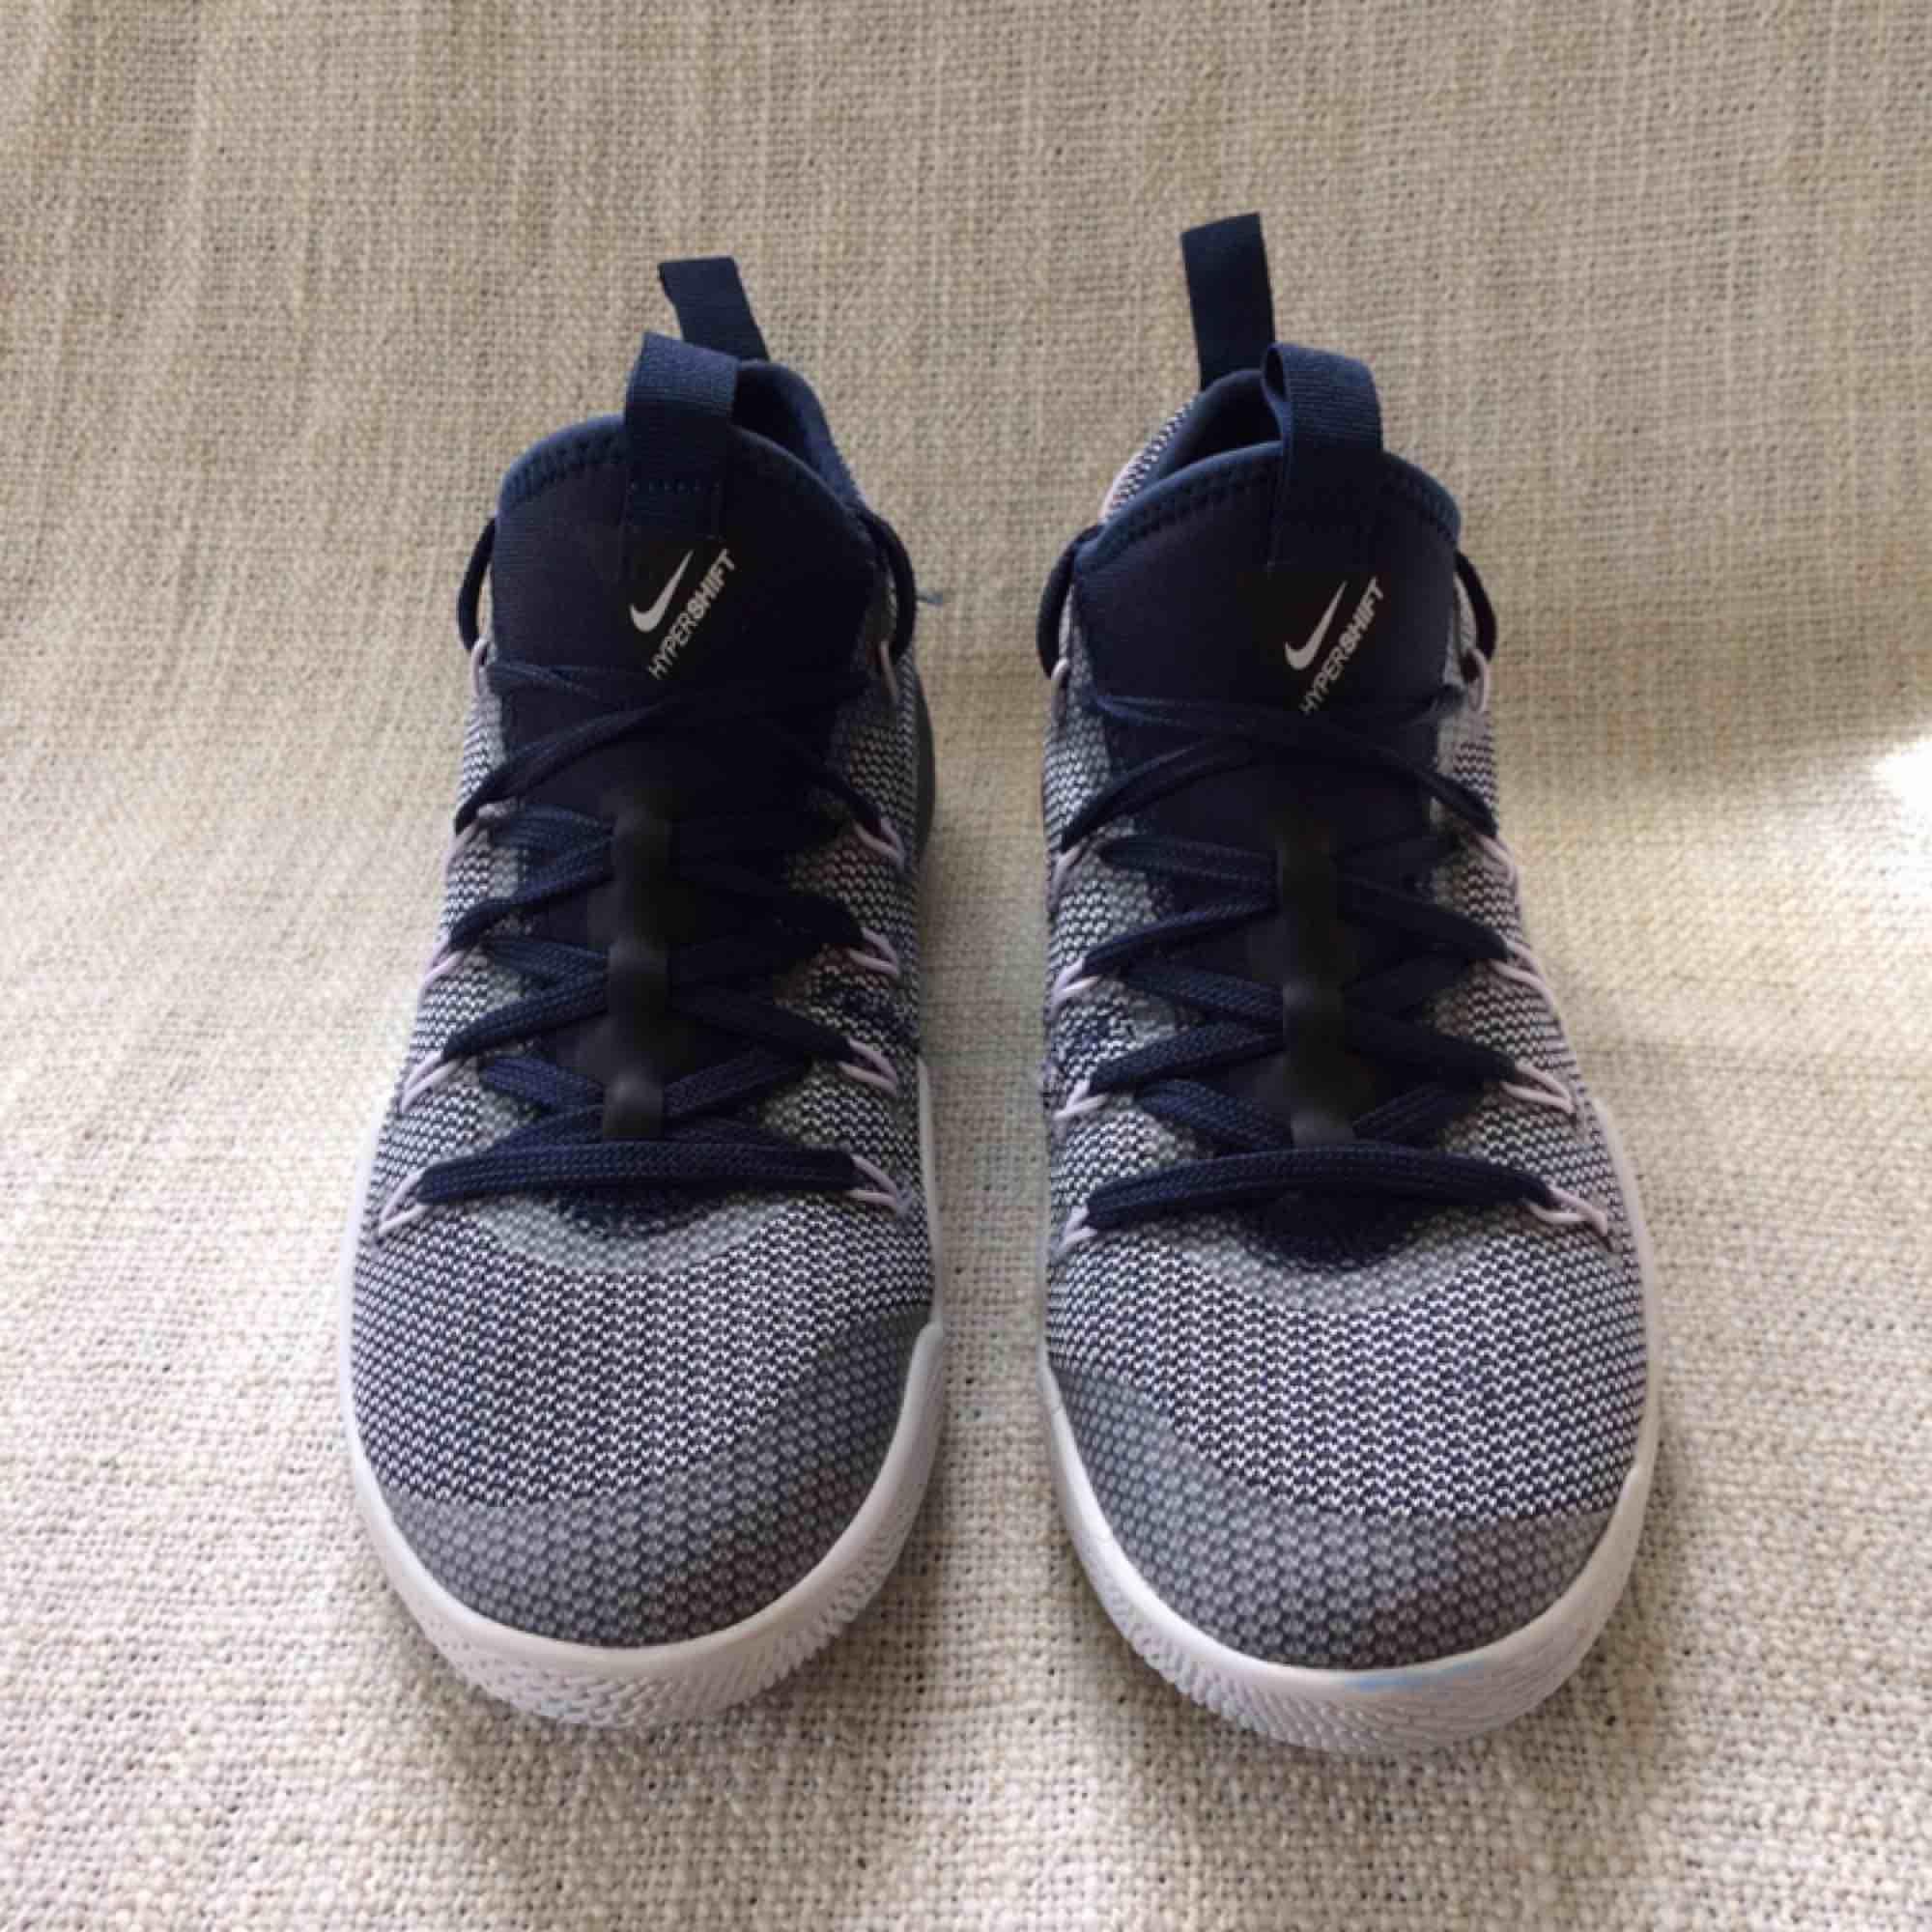 Nike hypershift. Snygga basketskor, aldrig använda. Storlek: EUR 37,5, 23,5 cm. Köparen står för frakten.. Skor.